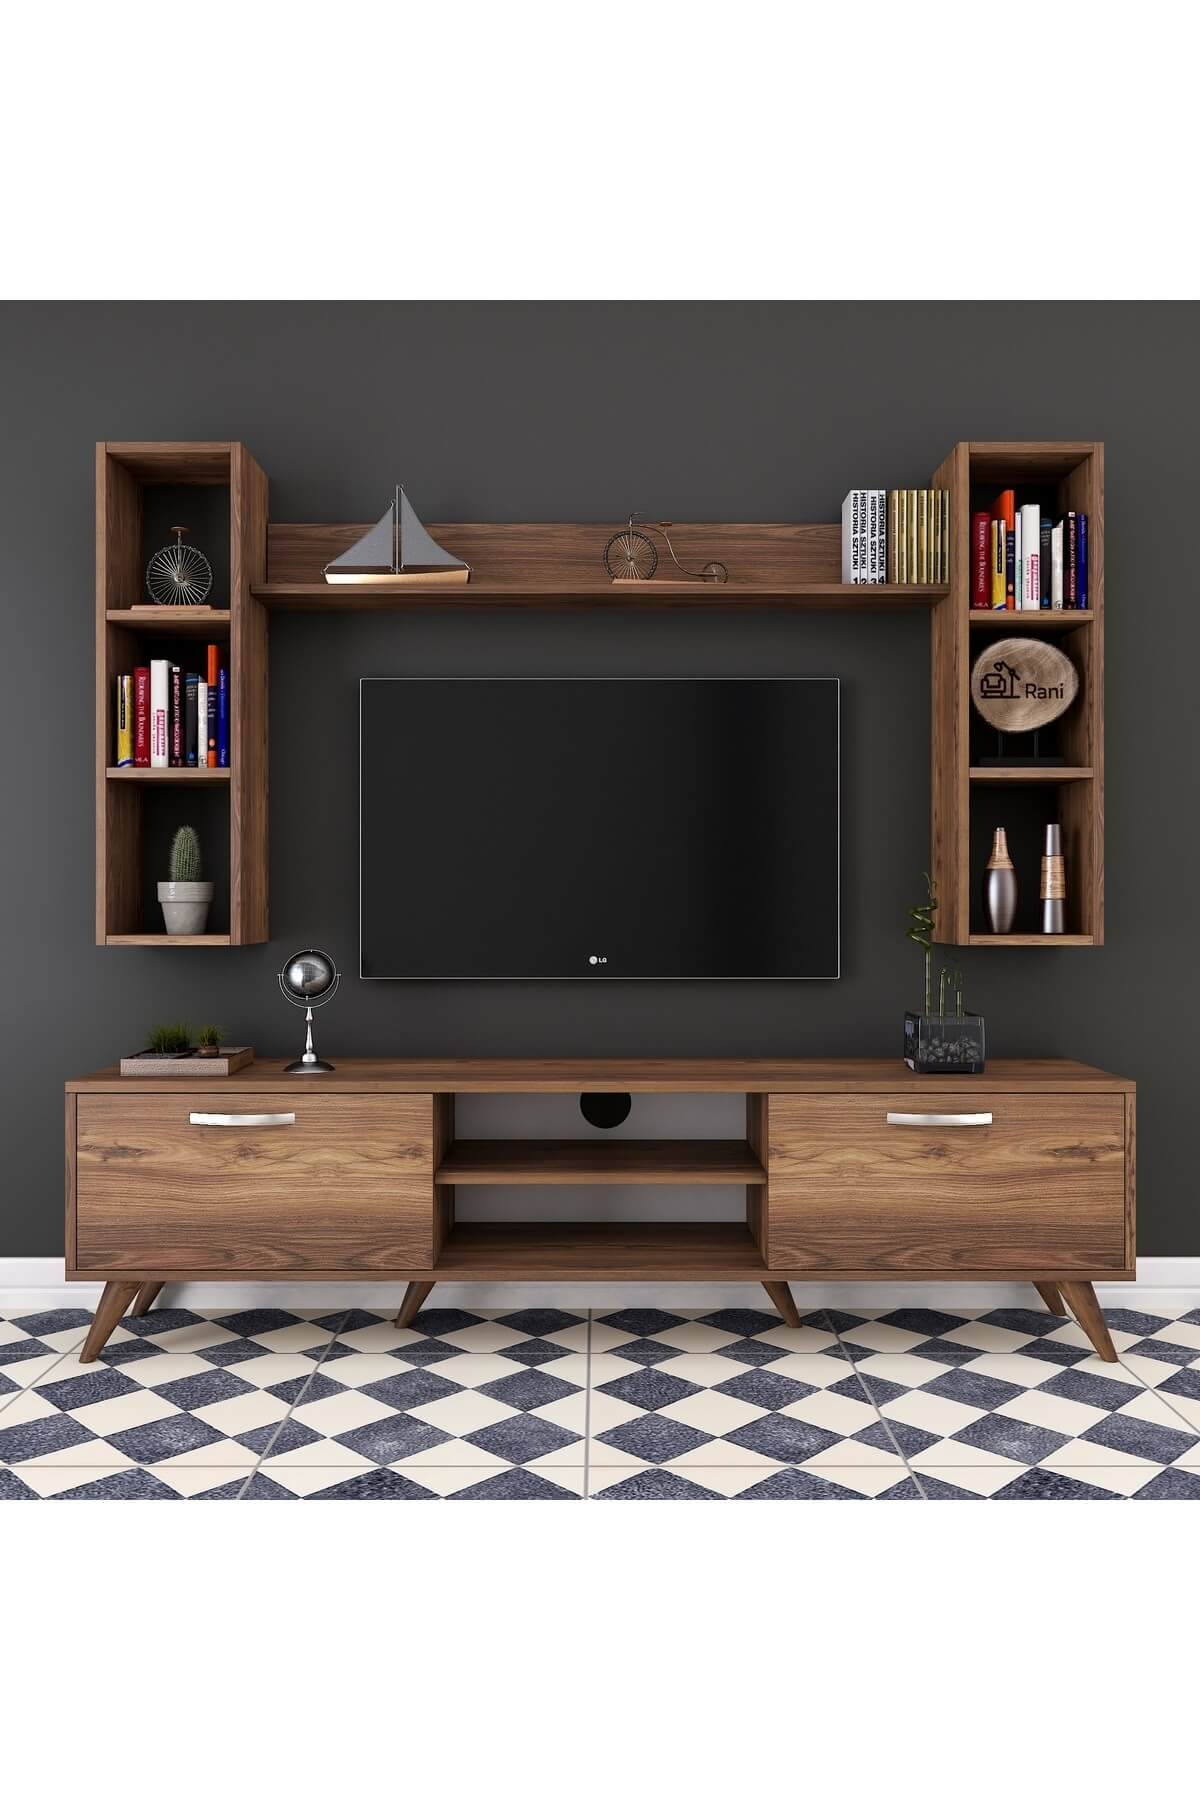 Rani Mobilya A9 Duvar Raflı Kitaplıklı Tv Ünitesi Duvara Monte Dolaplı Modern Ayaklı Tv Sehpası Ceviz M5 1